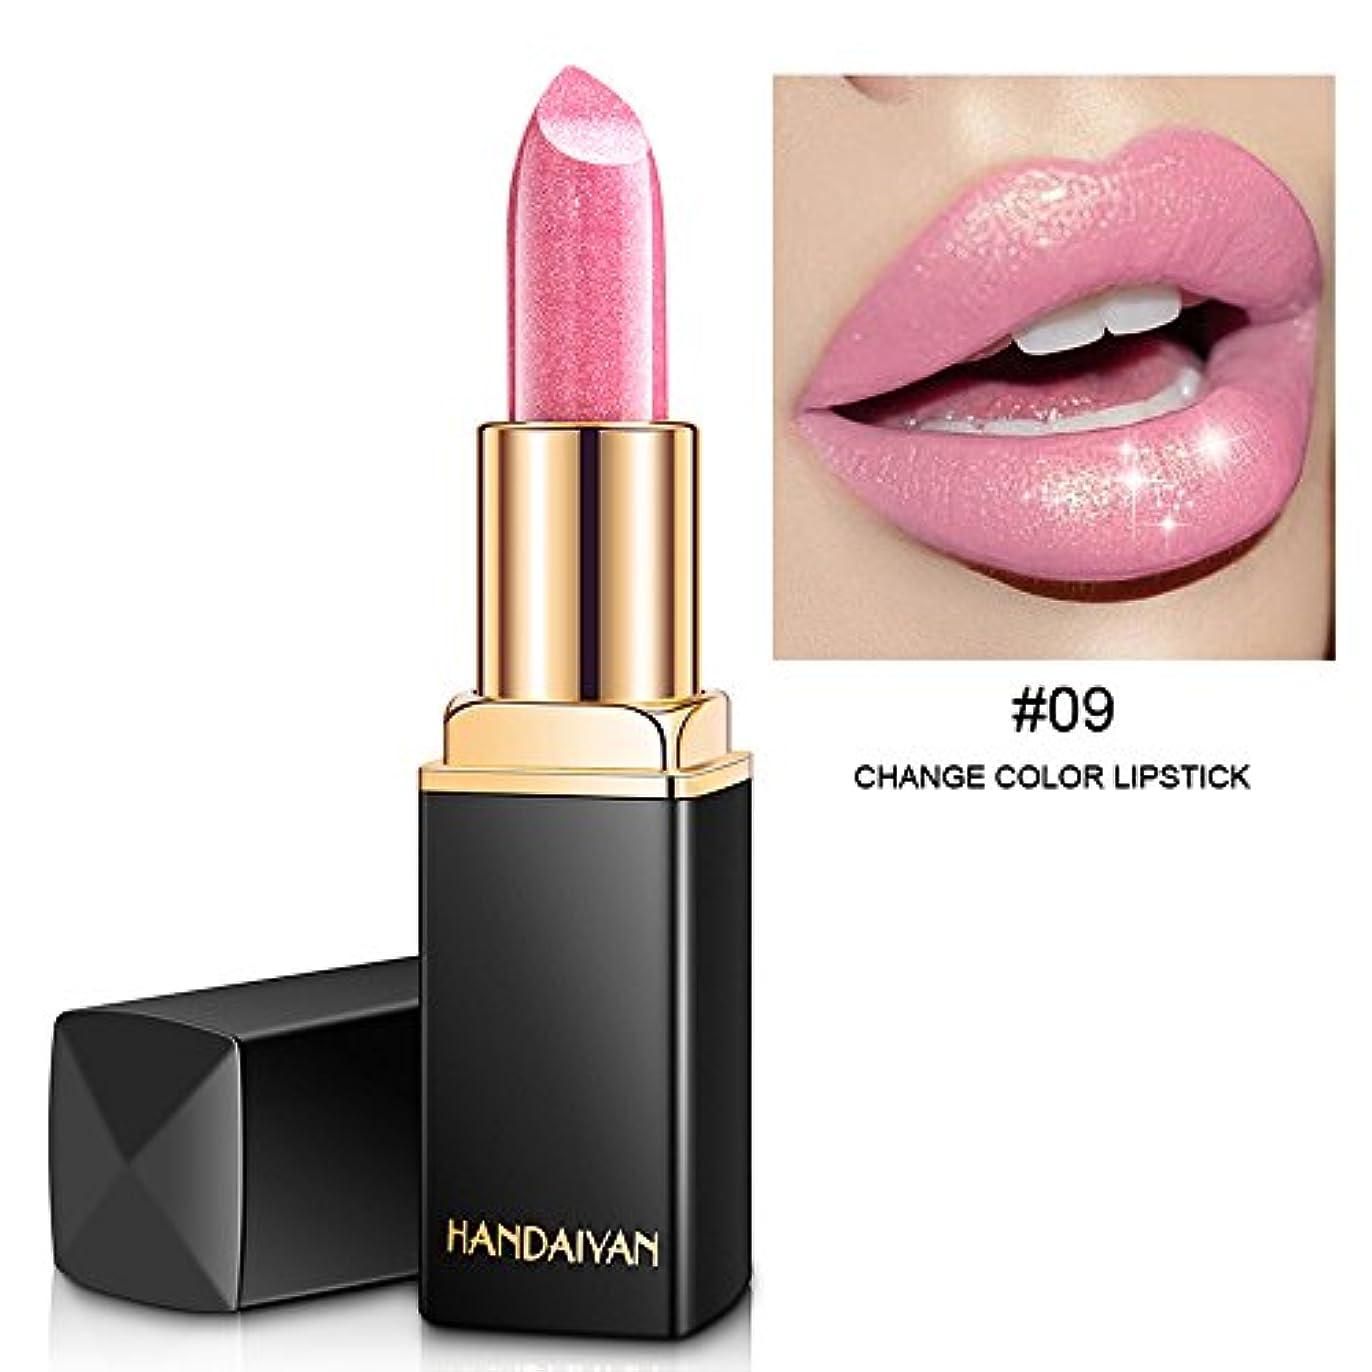 さらに便利シビックHANDAIYAN Mermaid Shimmer Metallic Lipstick Pearl Color Changing Lipstick Moisturizer Lip Balm (9#)